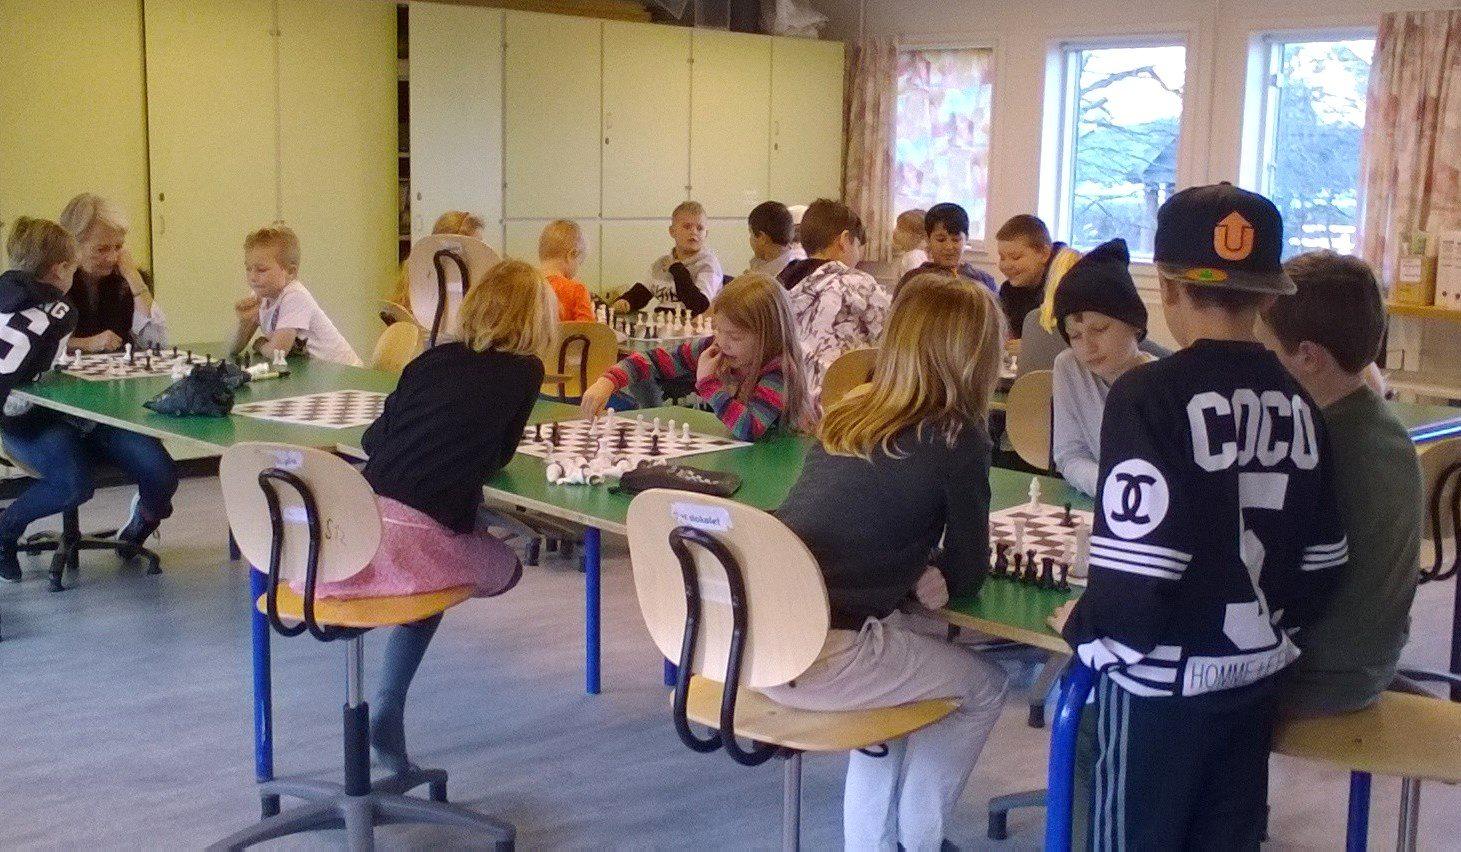 børn spiller skak